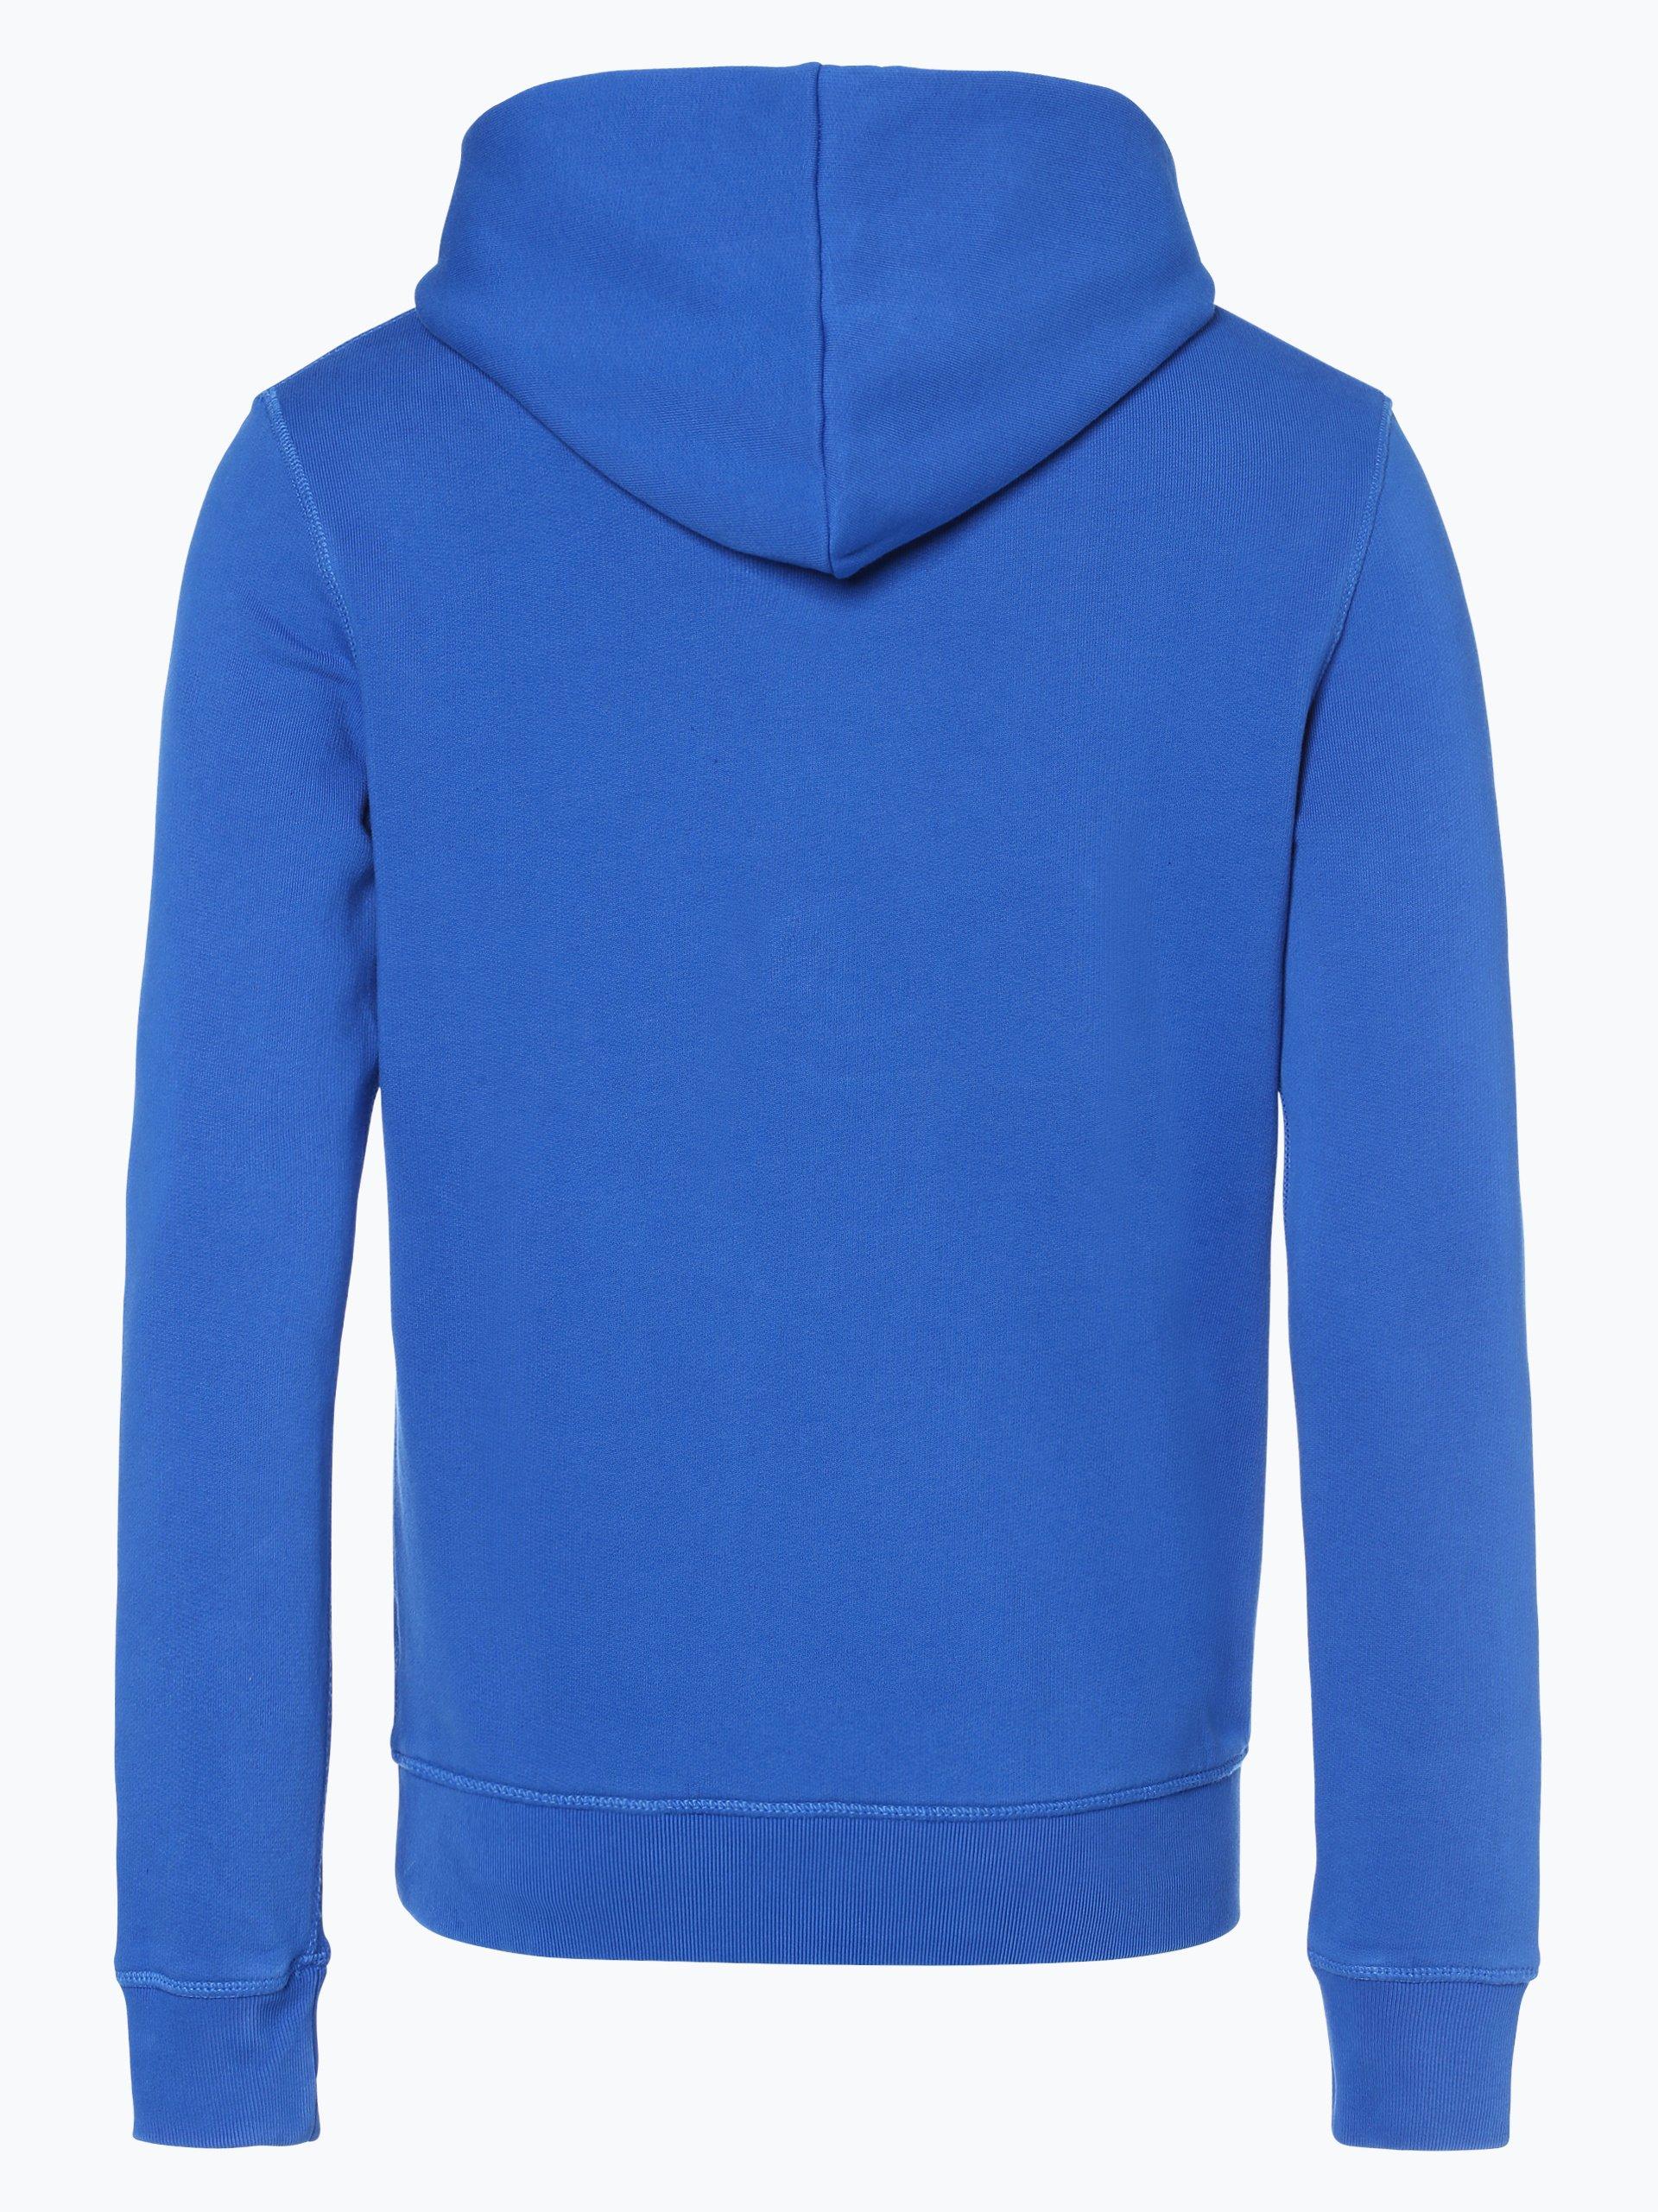 calvin klein jeans herren sweatshirt indigo uni online kaufen peek und cloppenburg de. Black Bedroom Furniture Sets. Home Design Ideas